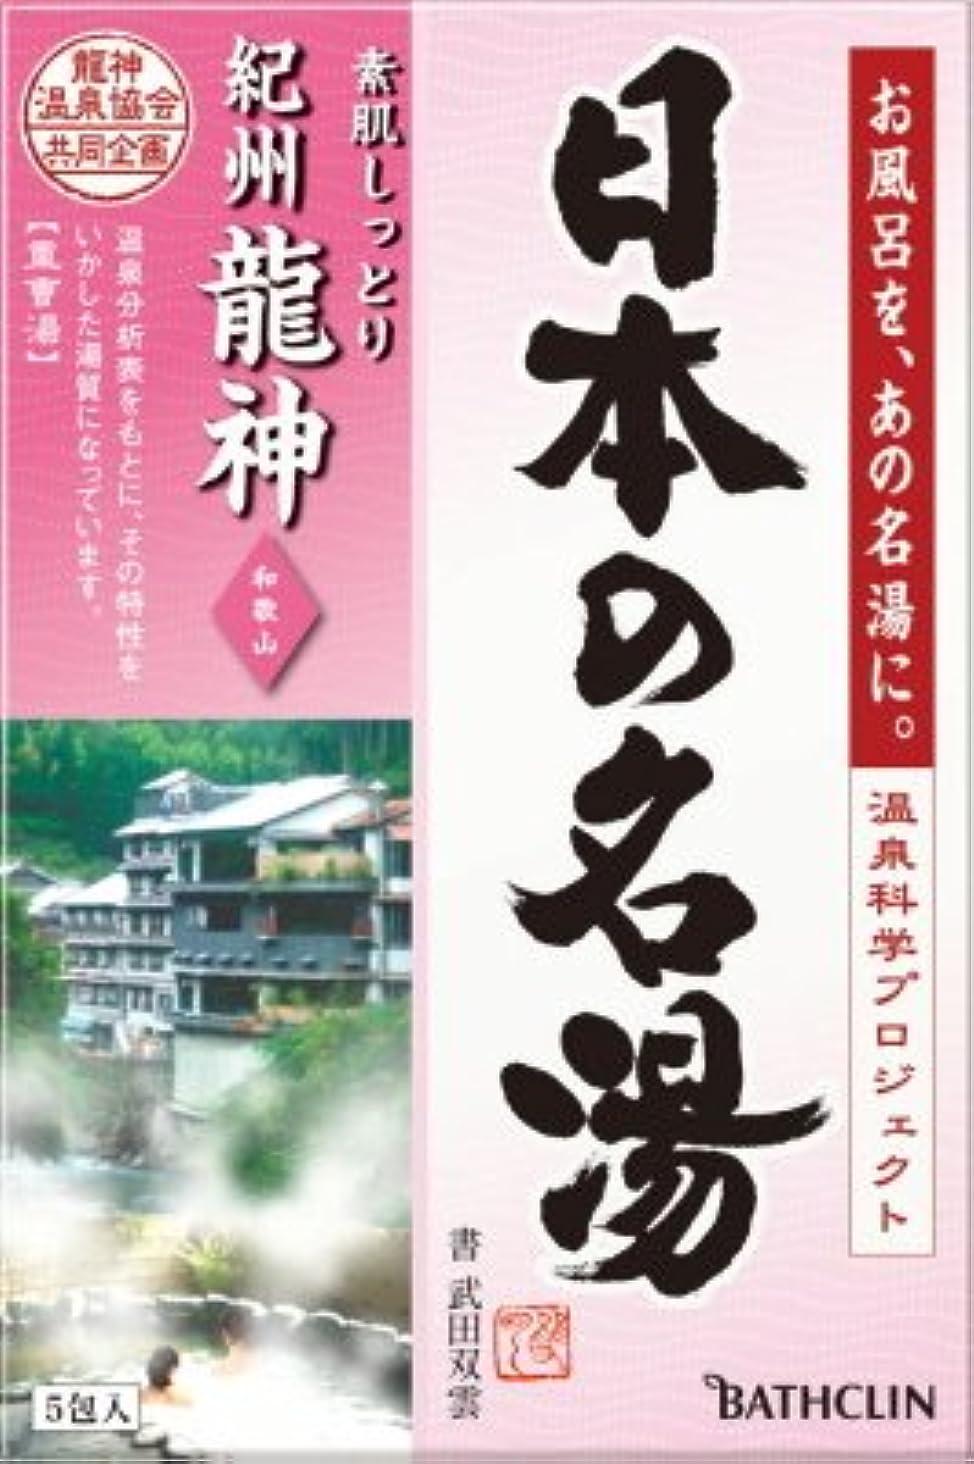 スタックオーガニック引っ張るバスクリン 日本の名湯 紀州龍神 30g×5包入(入浴剤)×24点セット (4548514135499)